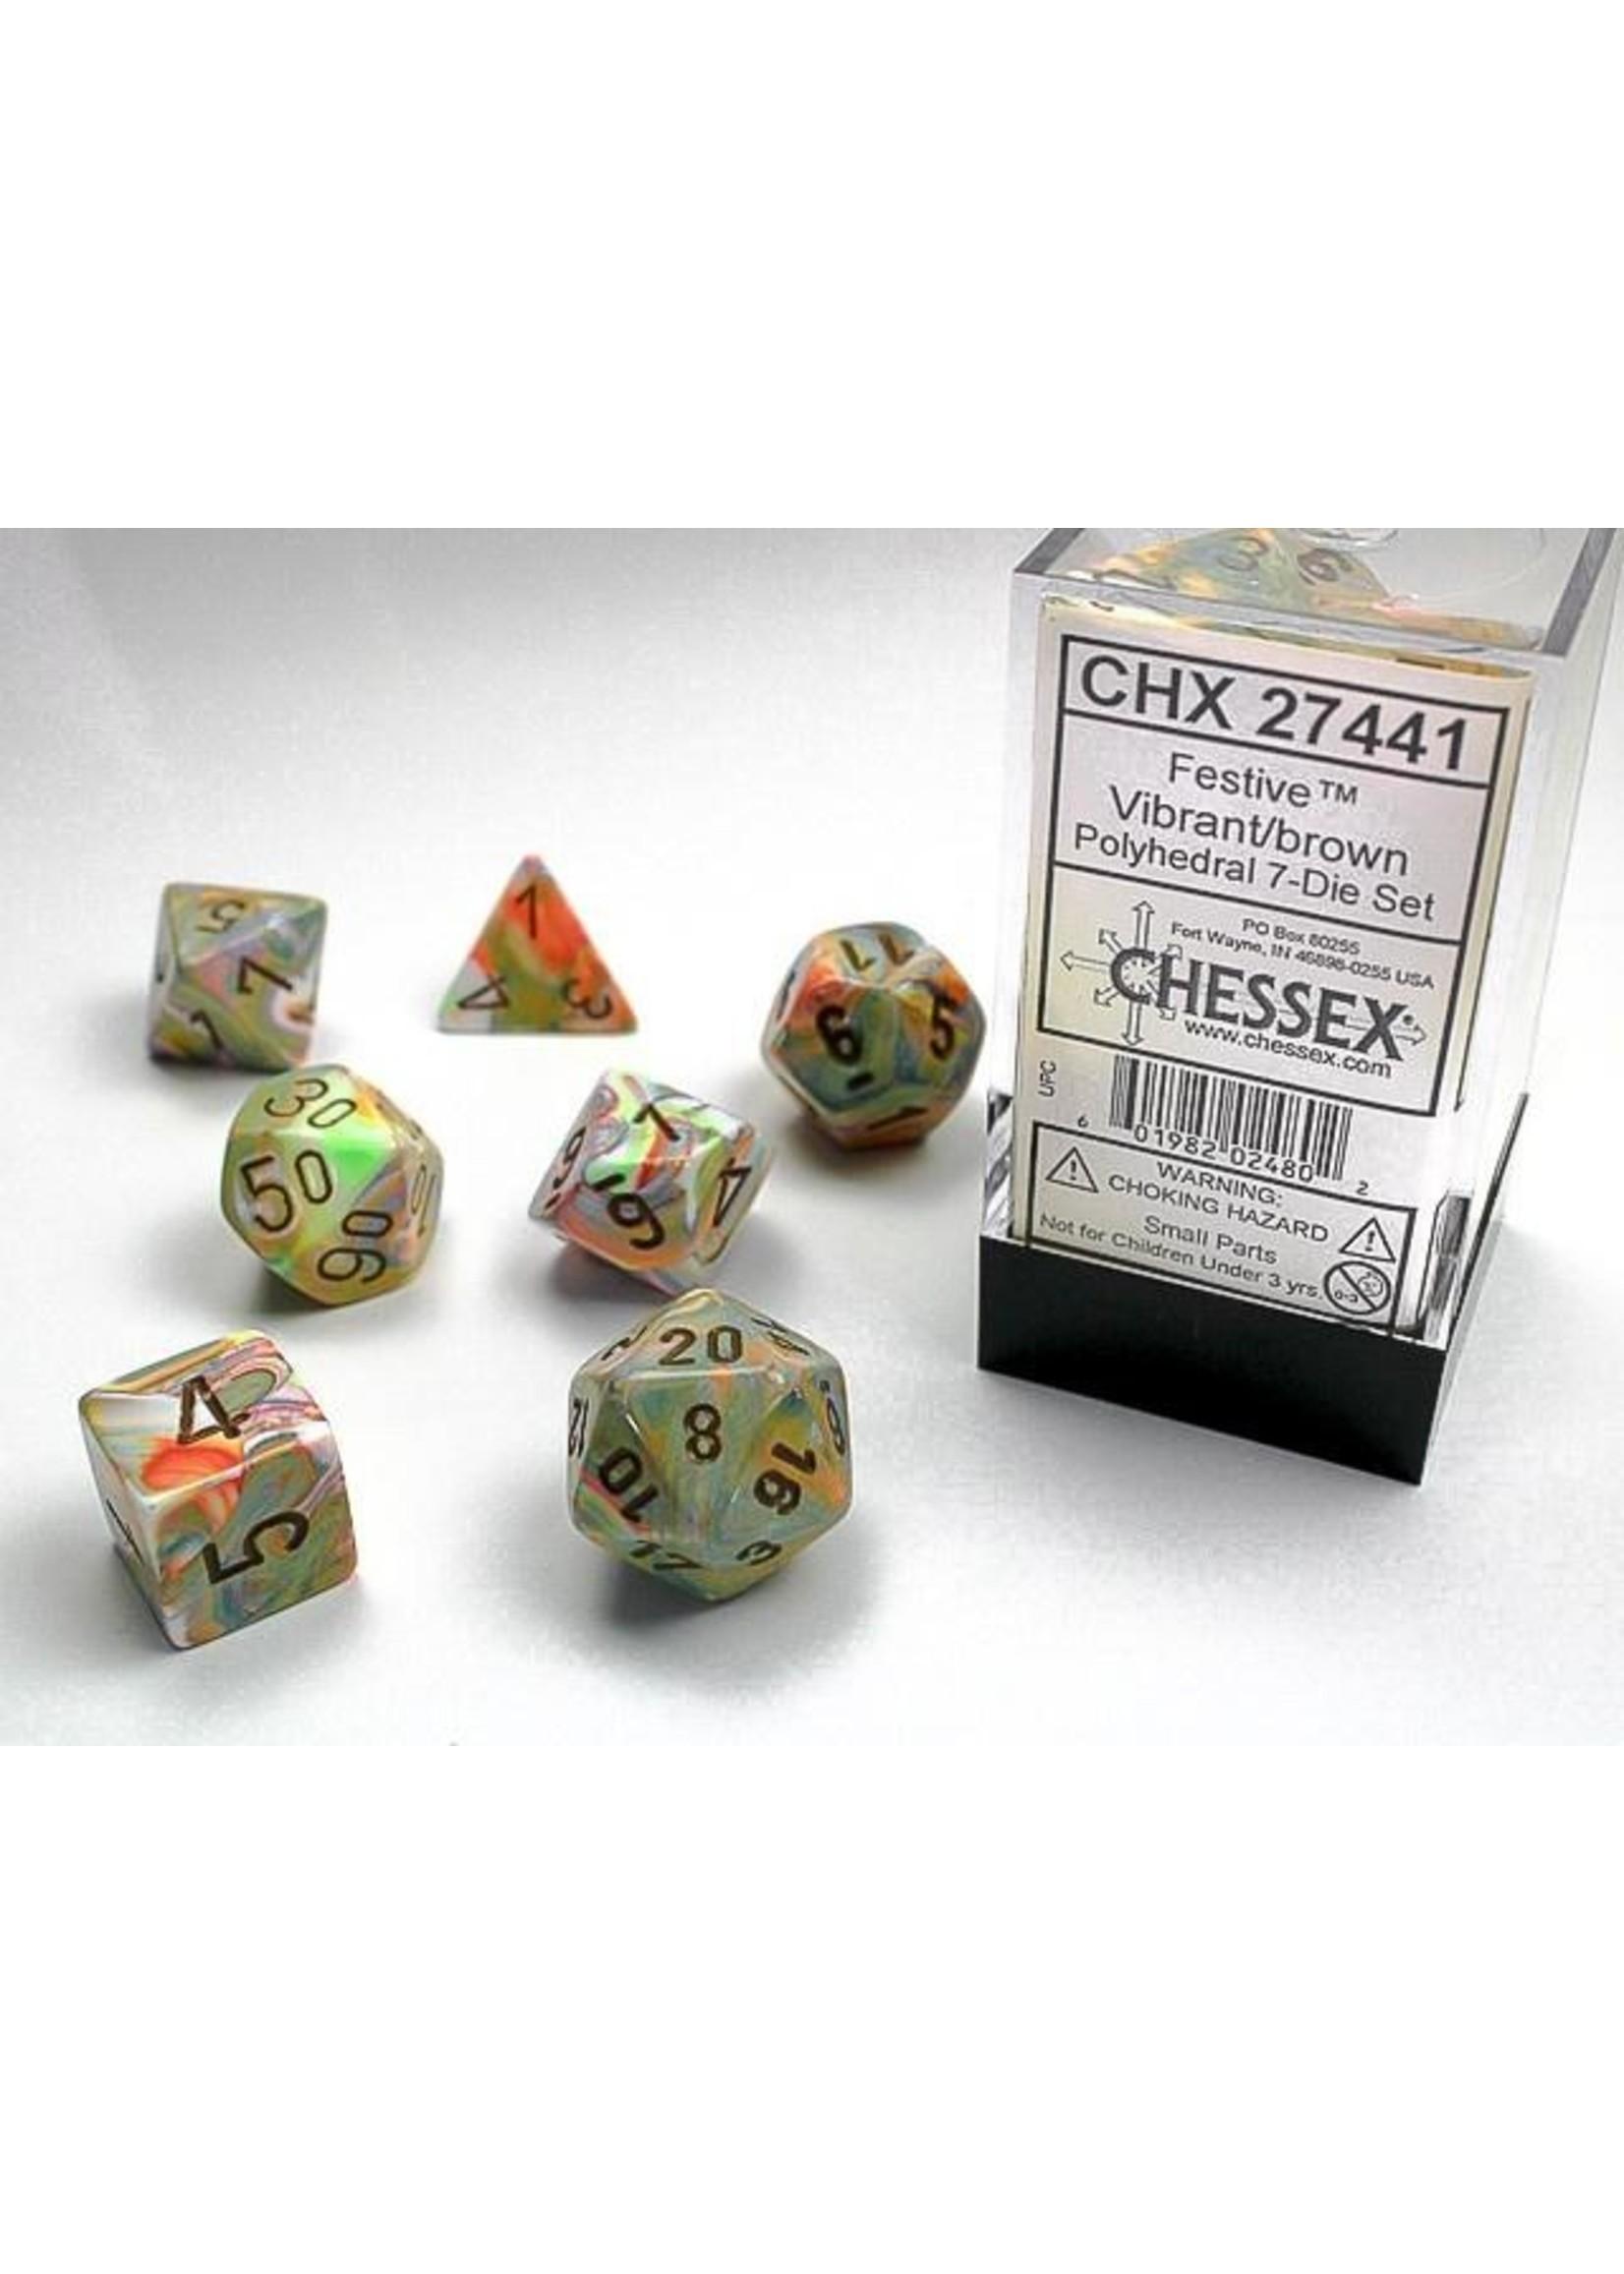 Festive Vibrant/brown Polyhedral 7-Die Set